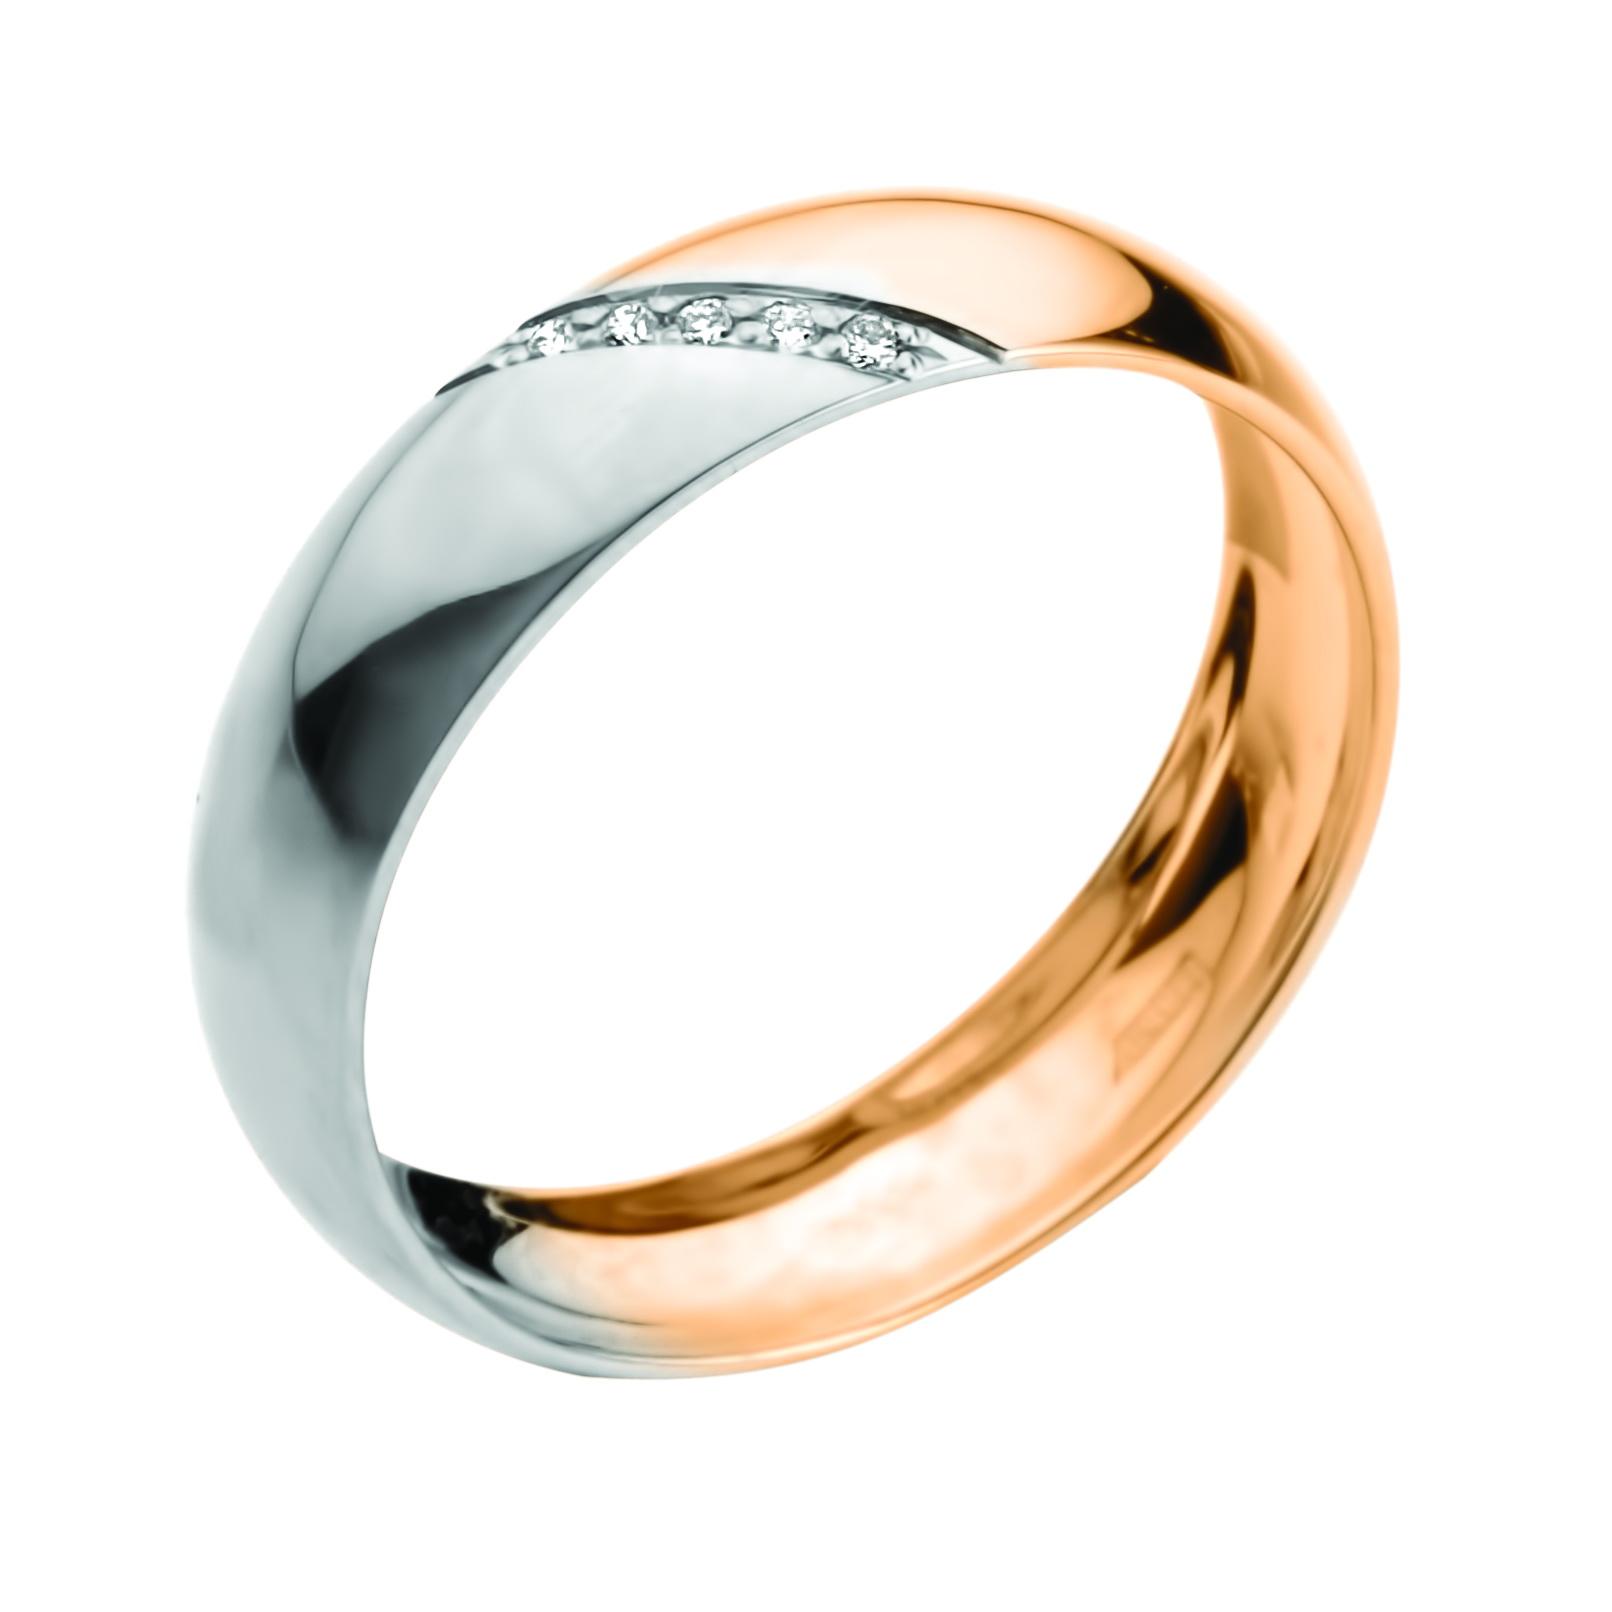 Обручальное кольцо из золота с бриллиантом арт. 905-110 905-110